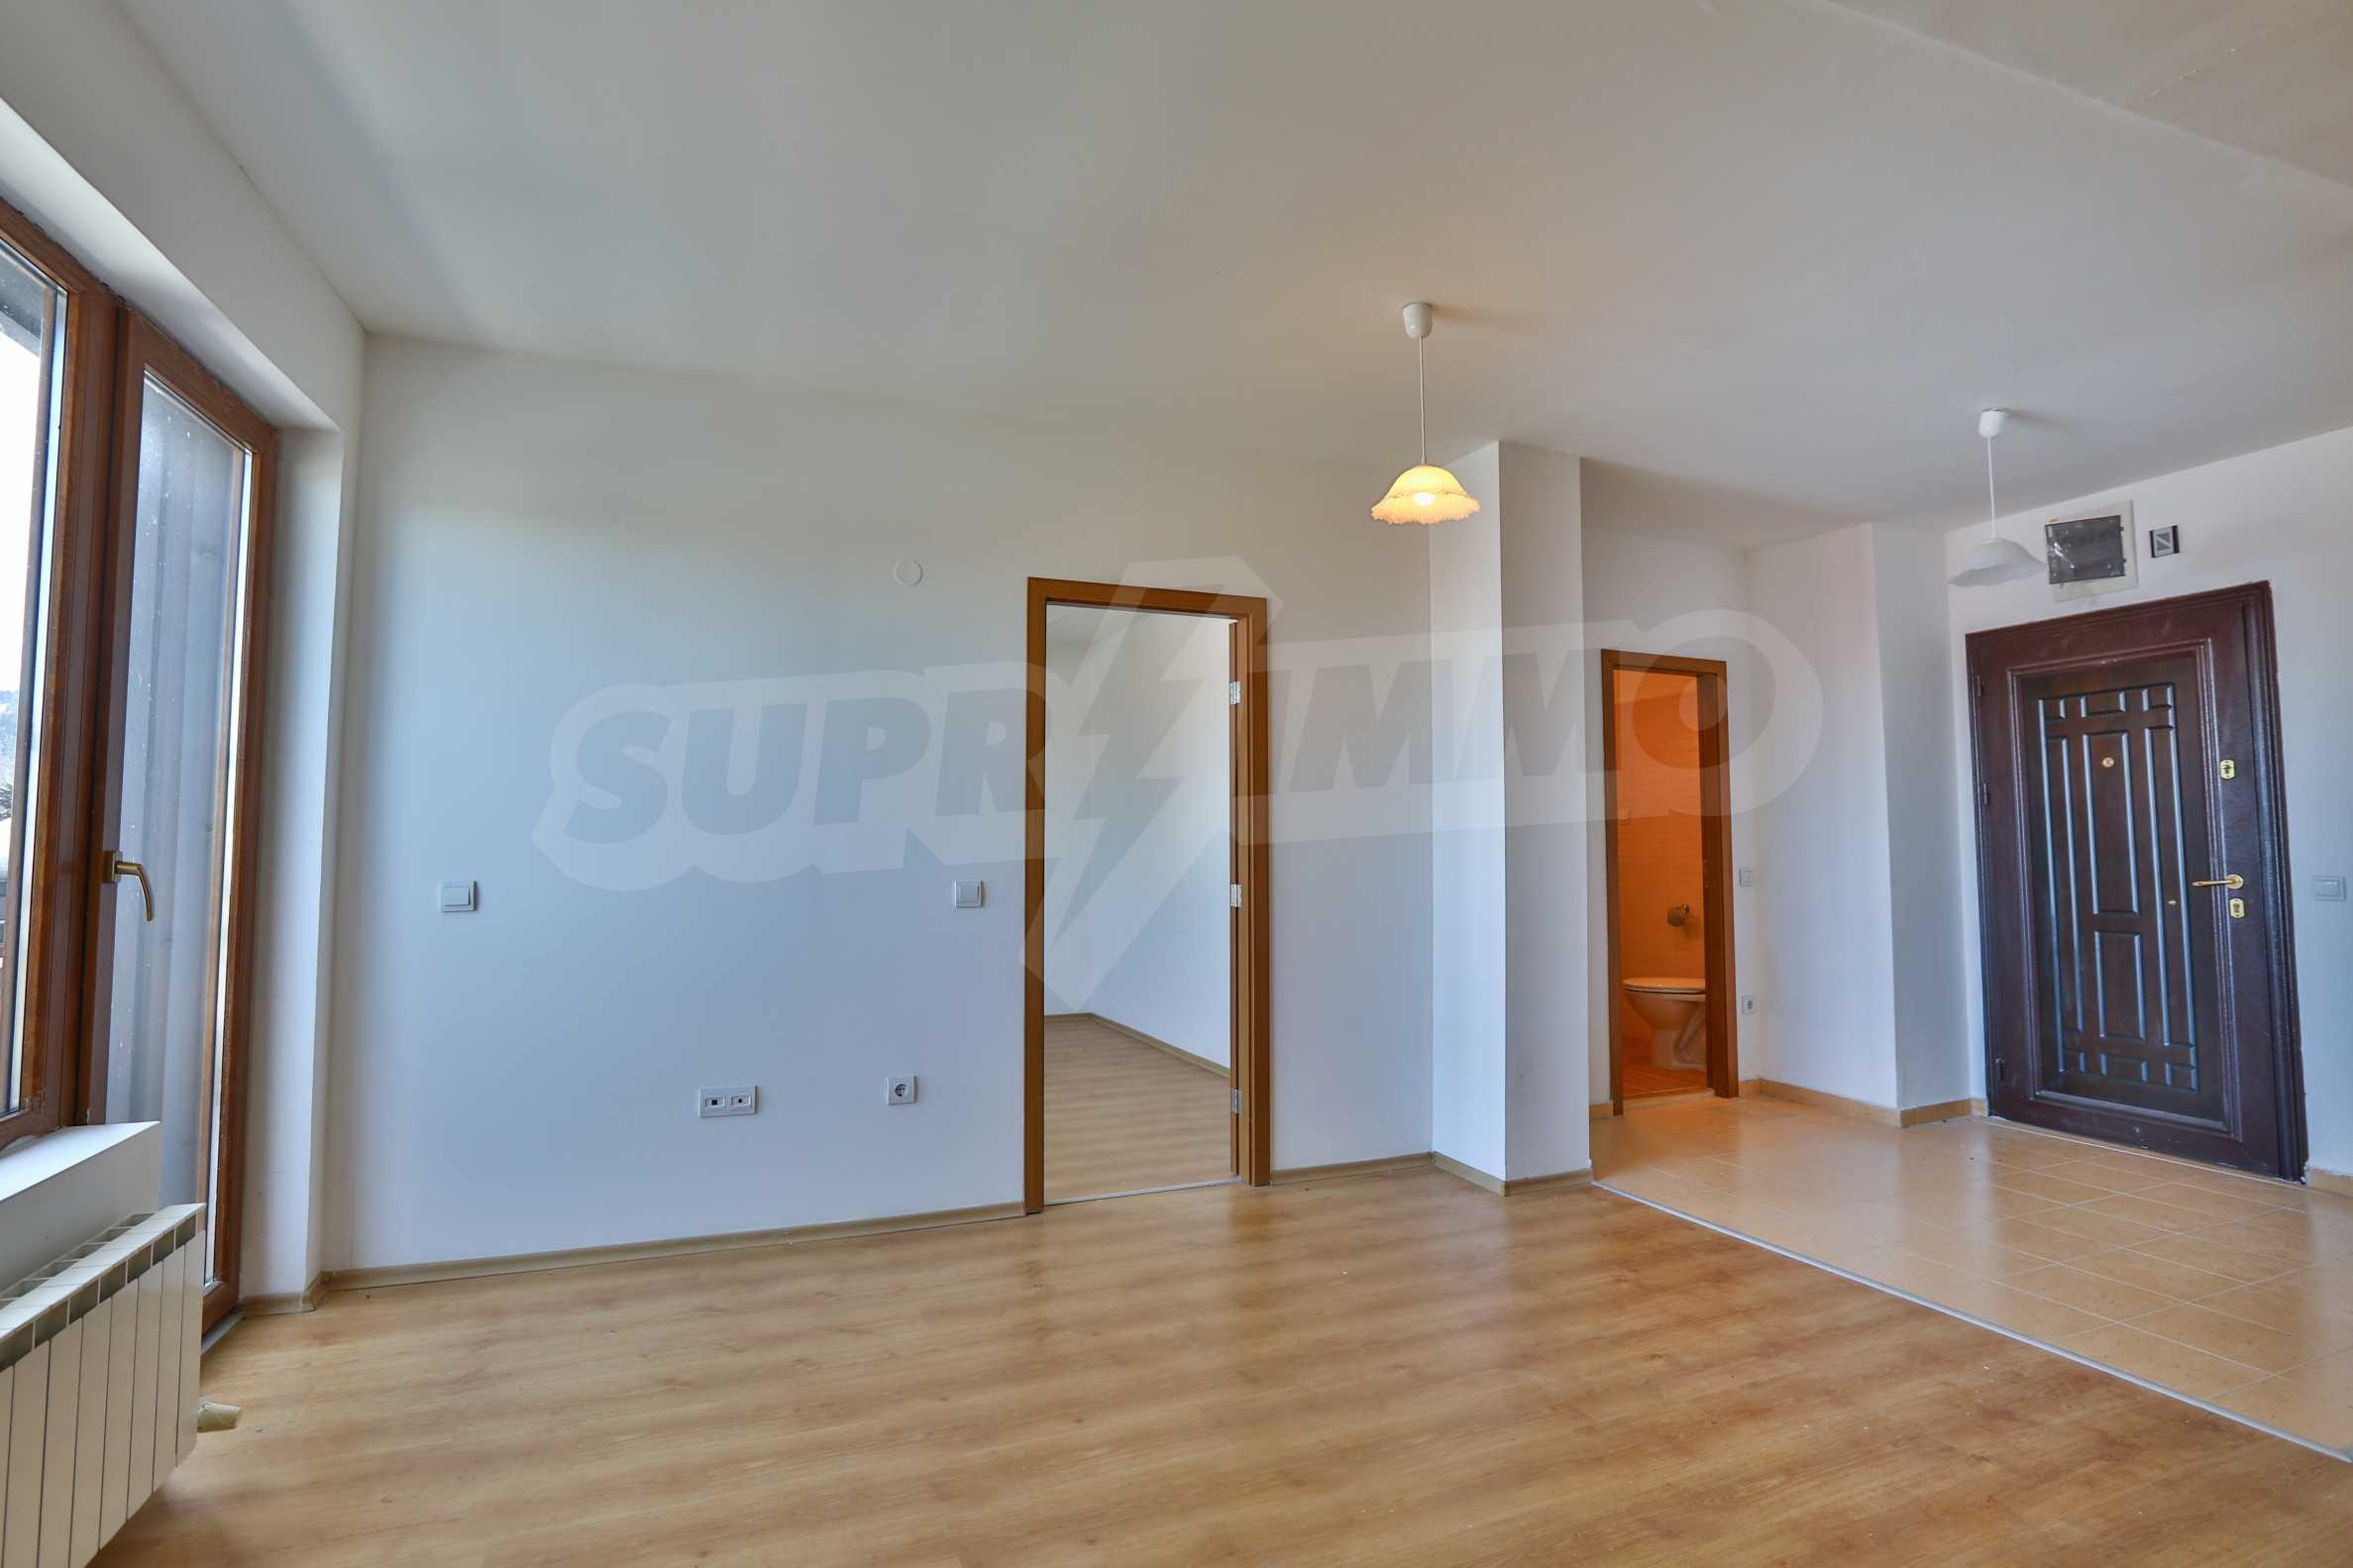 Erstklassige Wohnungen zum Verkauf Meter von der Yastrebets-Strecke in Borovets entfernt 9